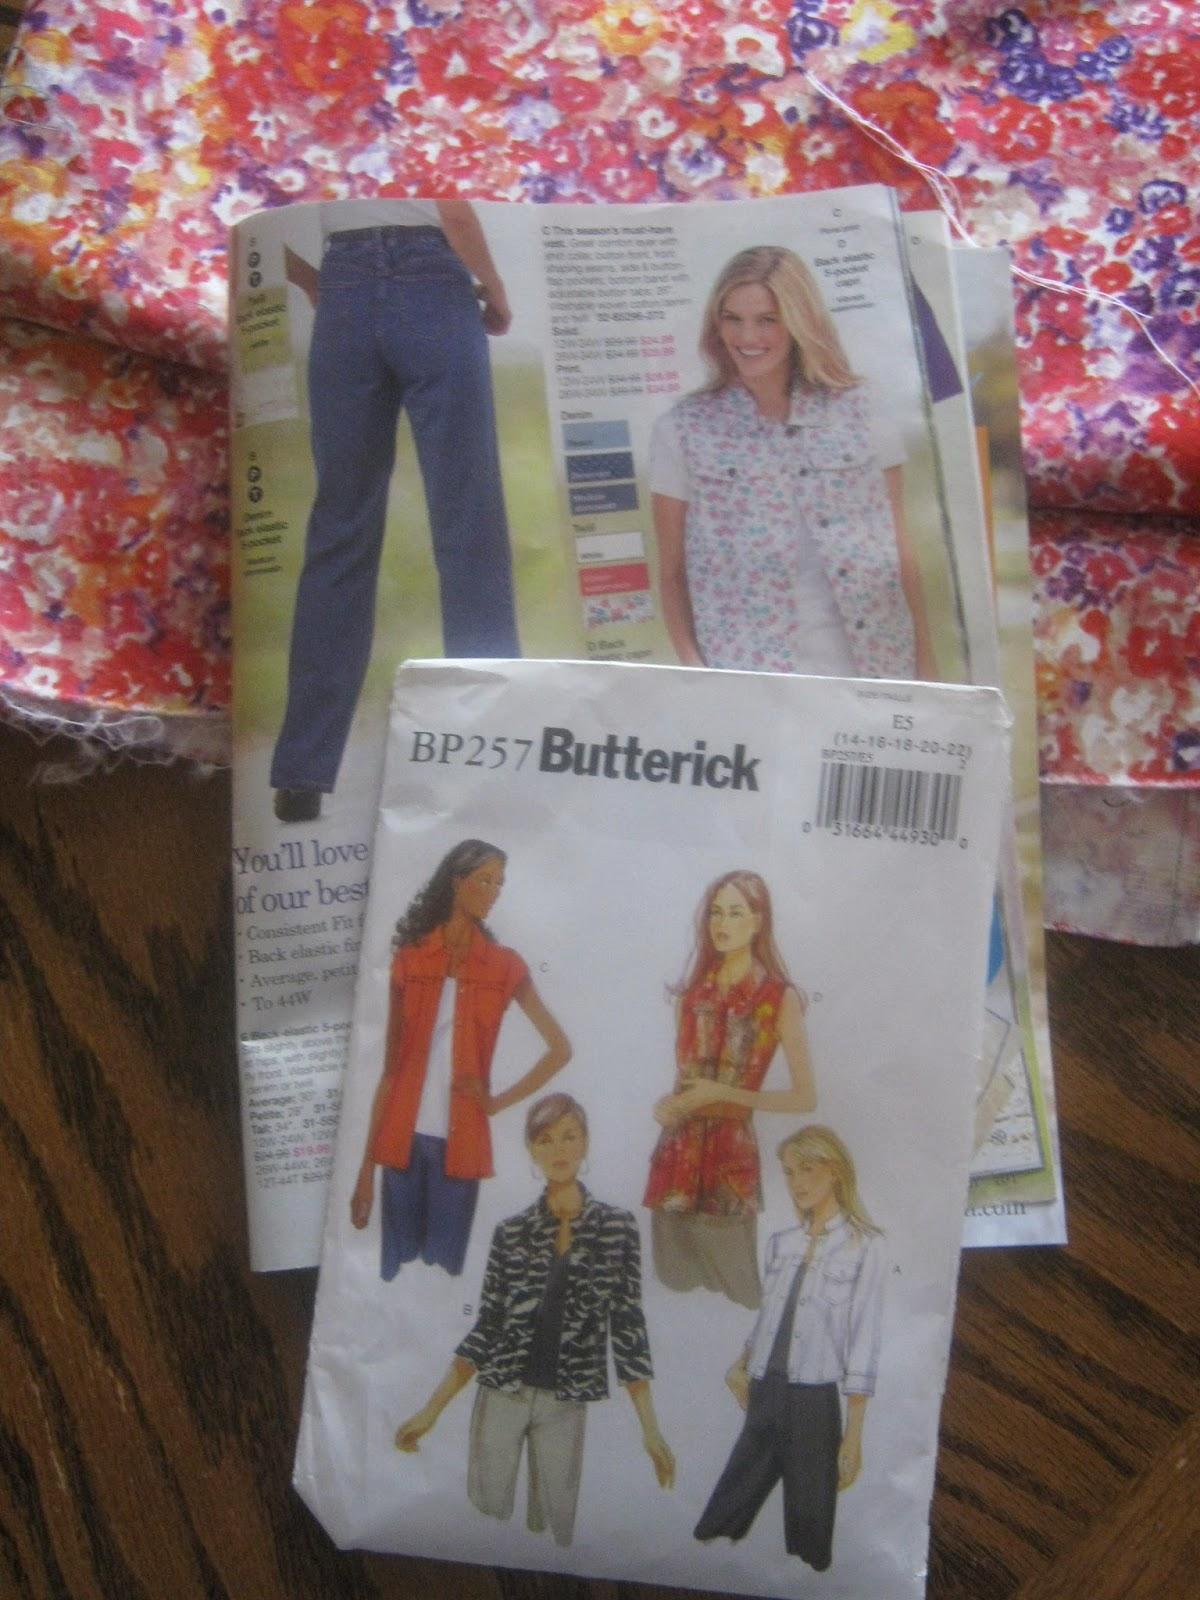 Butterick 5616 BP257 denim floral vest www.sewplus.blogspot.com